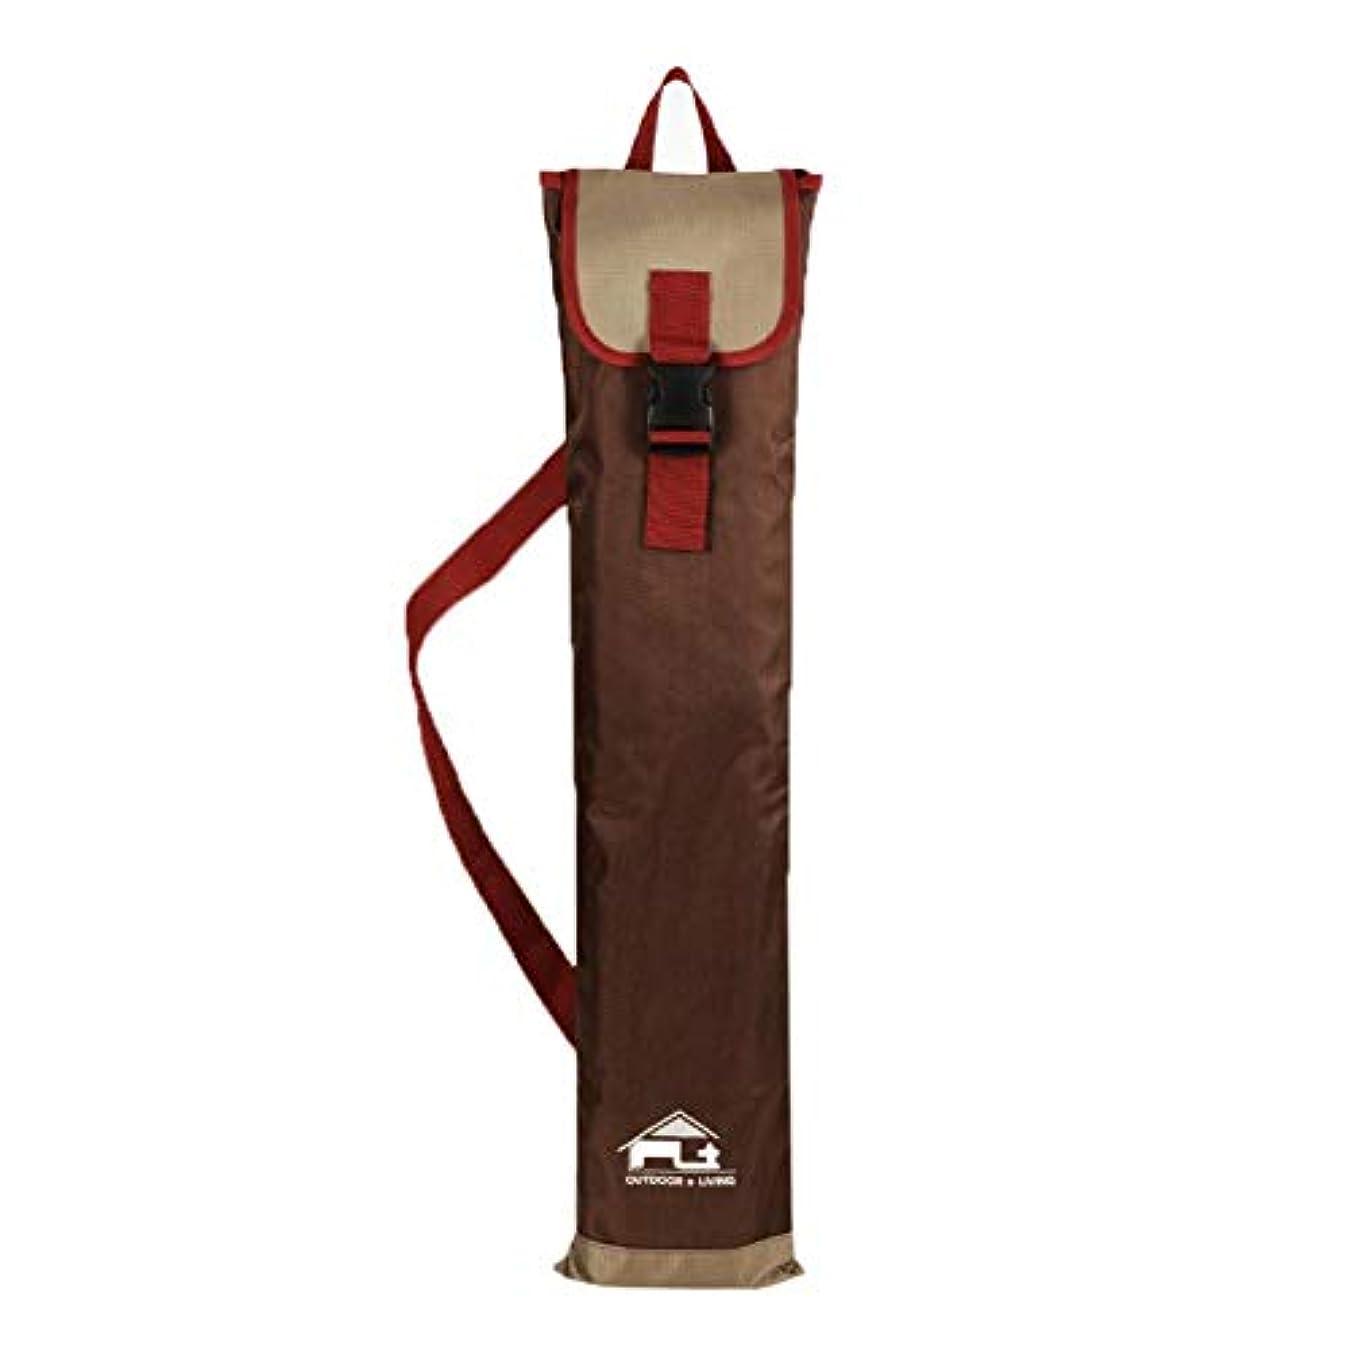 欠席歴史的アカウント釣り用ロッドケース 釣り用バッグ フィッシングバッグ ポータブル 釣りロッド 釣り竿 ツール収納袋ロッドケース オックスフォード布 カーキ 防水 82×20cm/113×17cm